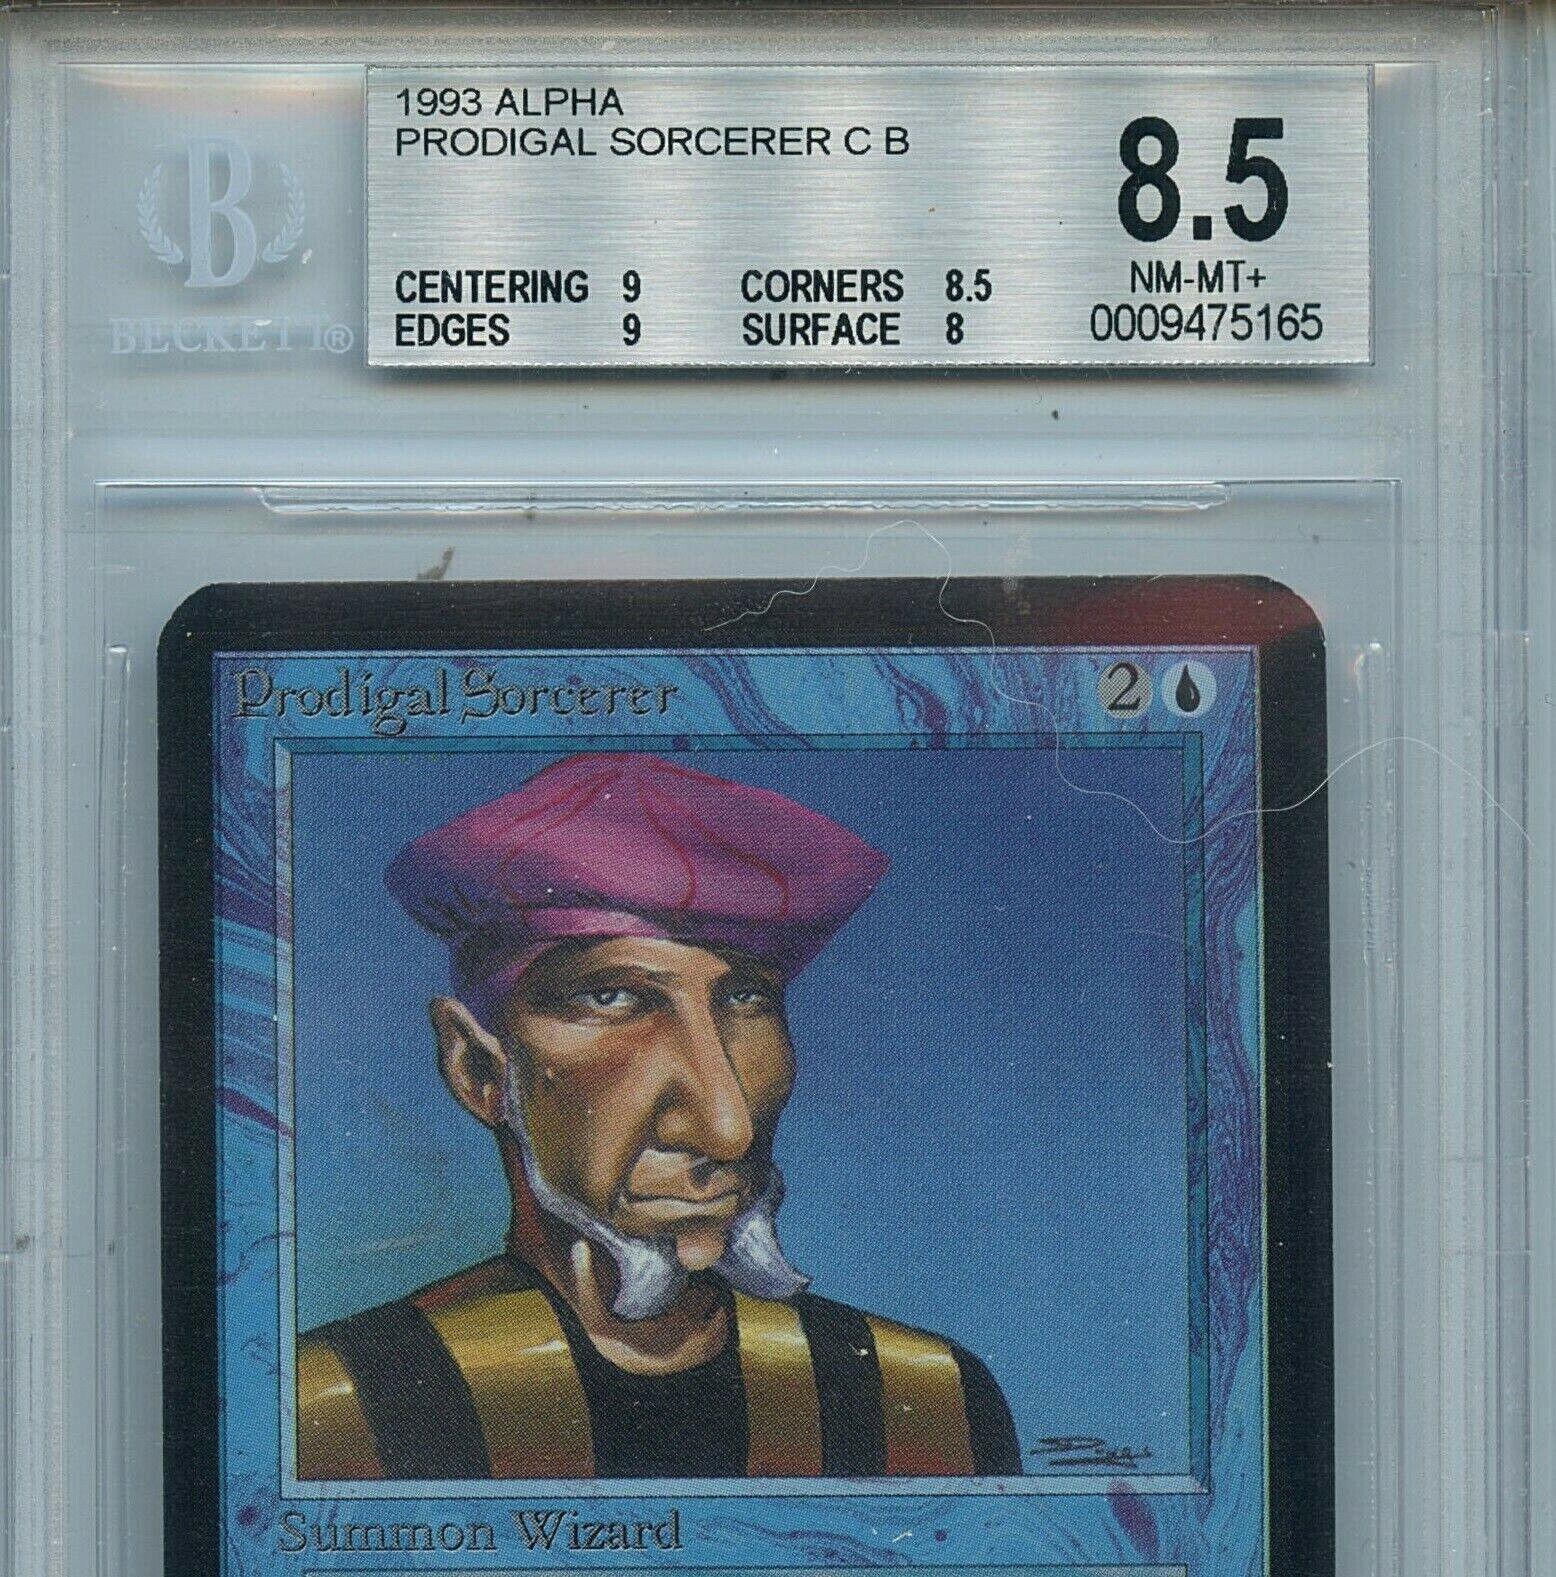 MTG Alpha Prodigal Sorcerer BGS 8.5 8.5 8.5 NM-MT+ card Magic Amricons 5165 050f5b